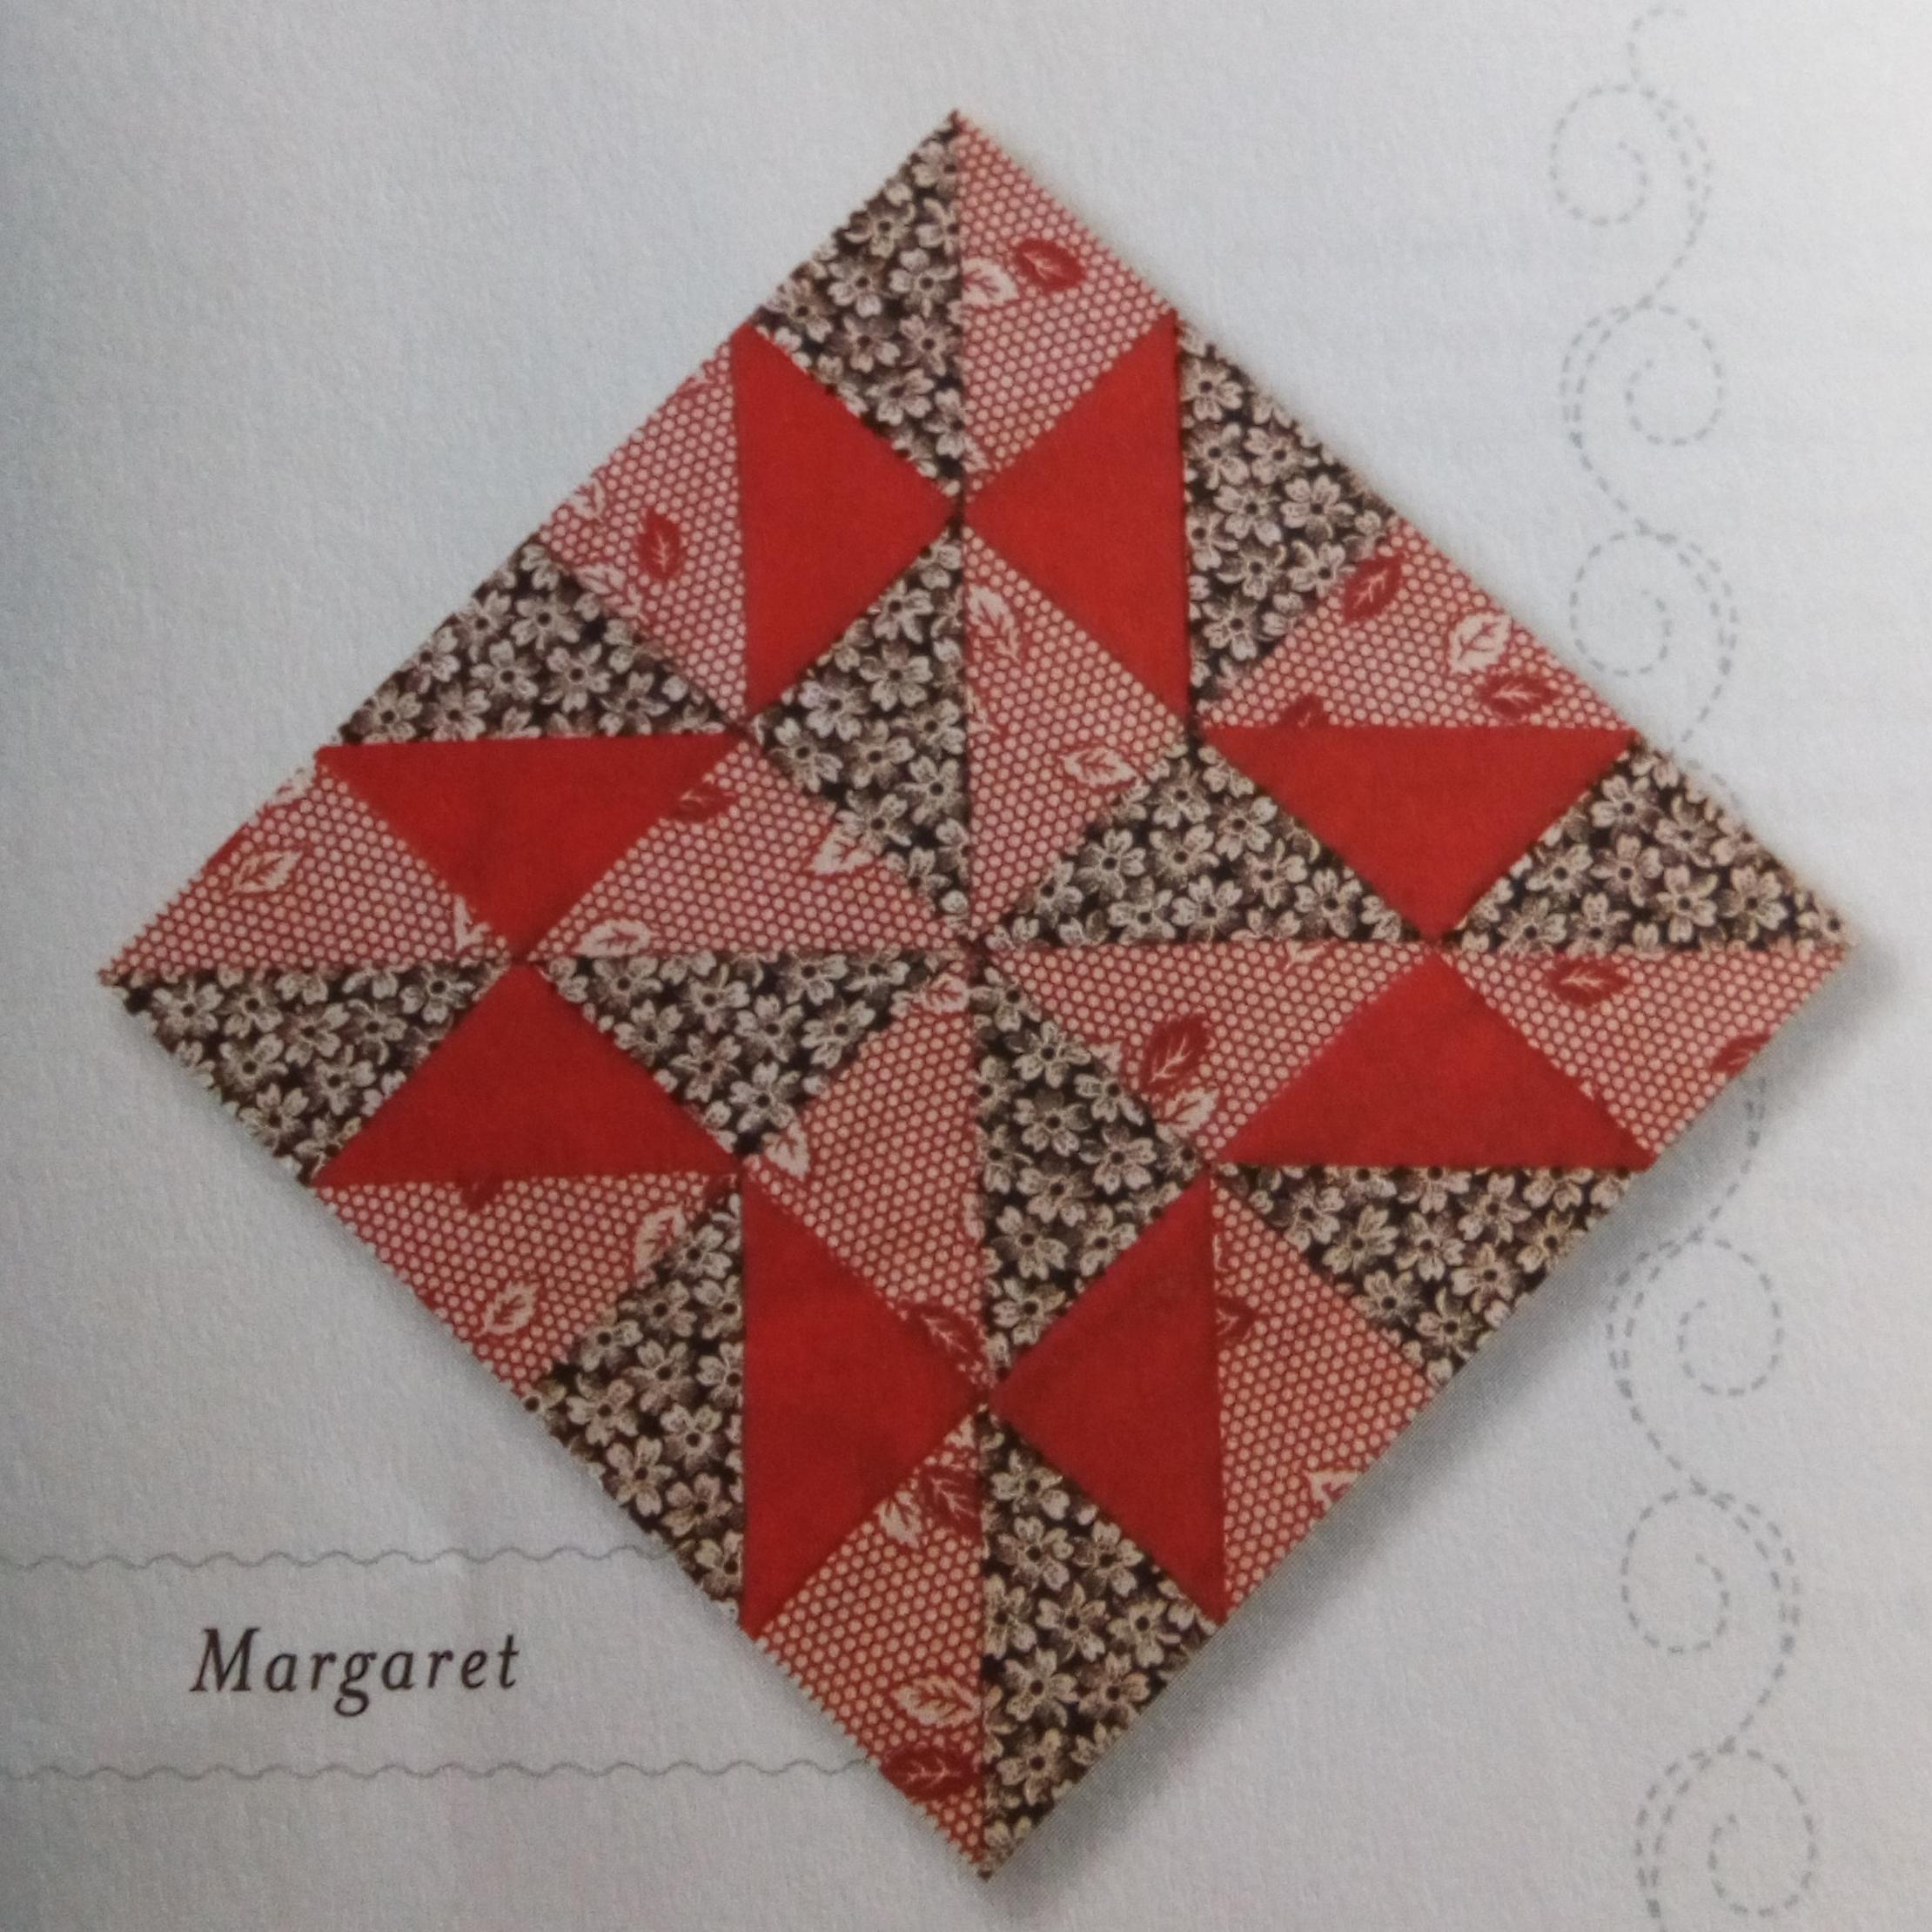 Margaret: Coming September 17